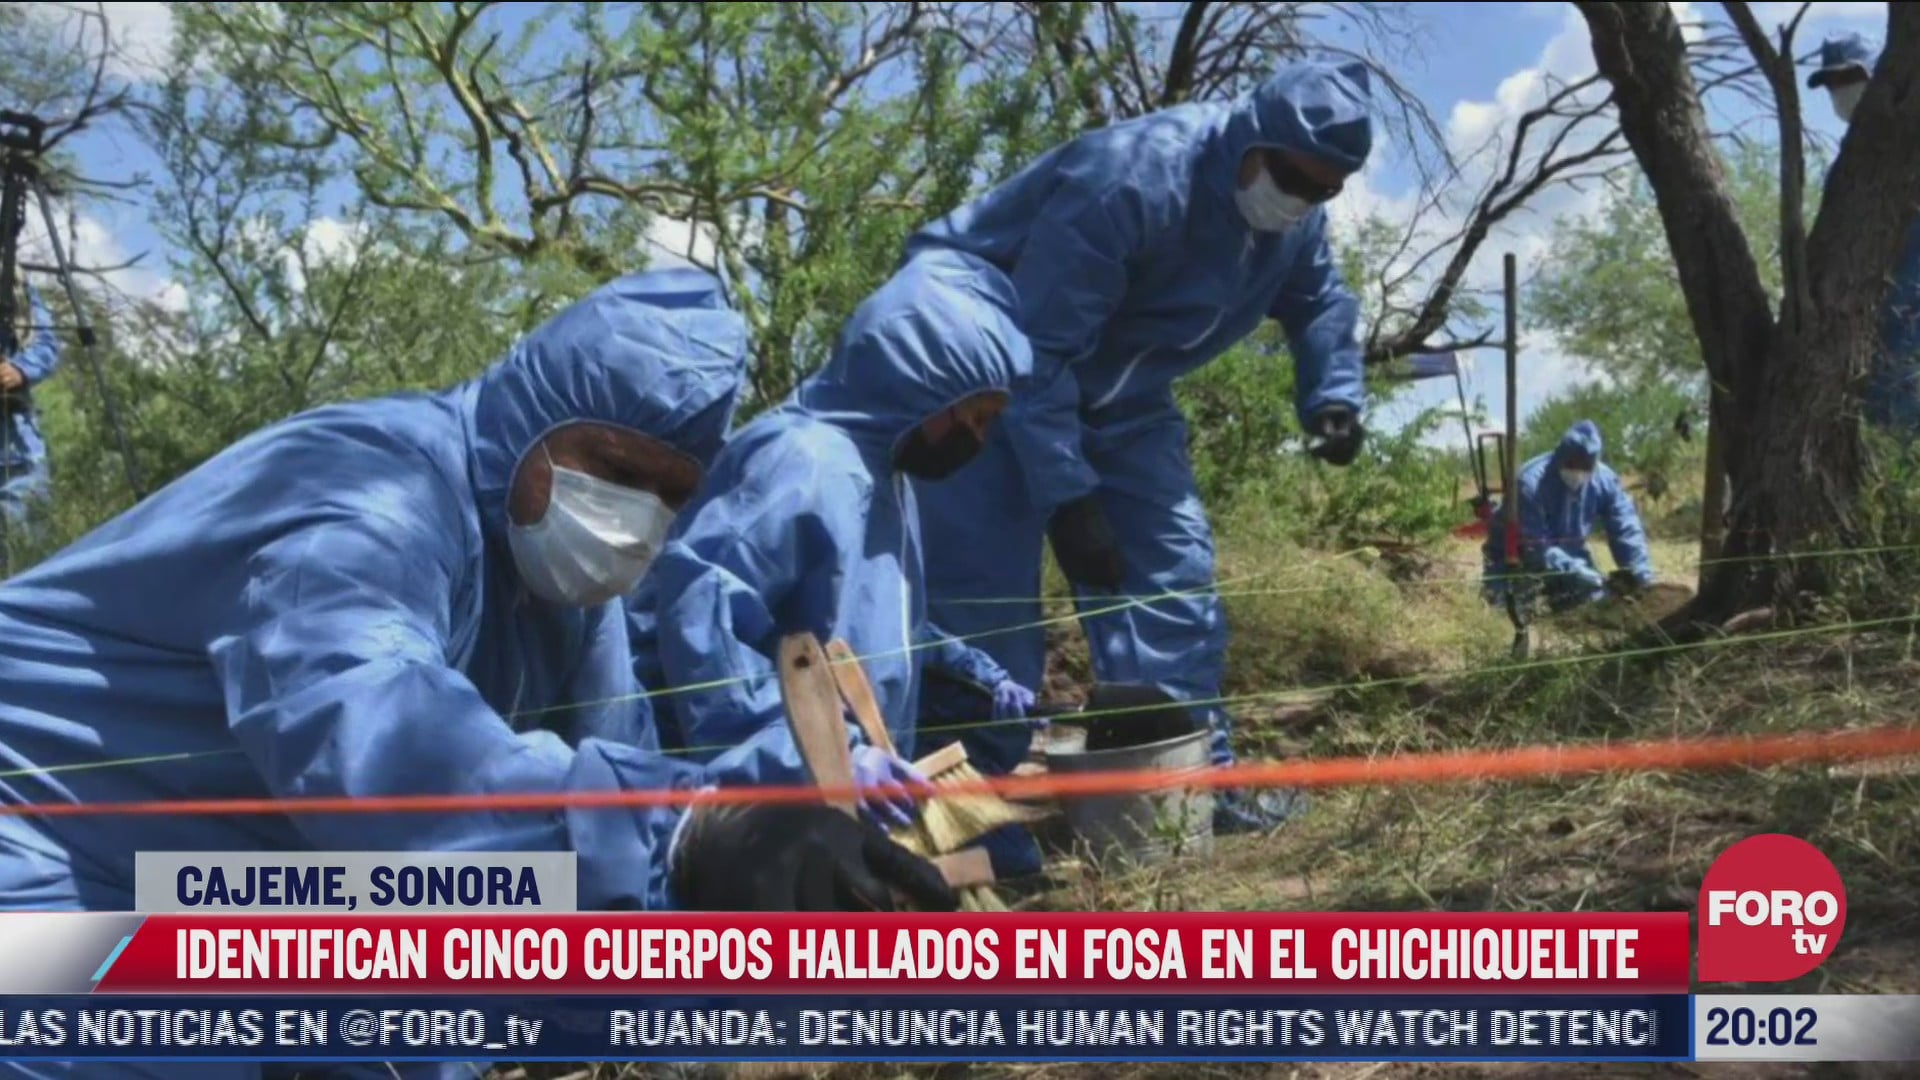 identifican cinco cuerpos hallados en fosa de cajeme sonora